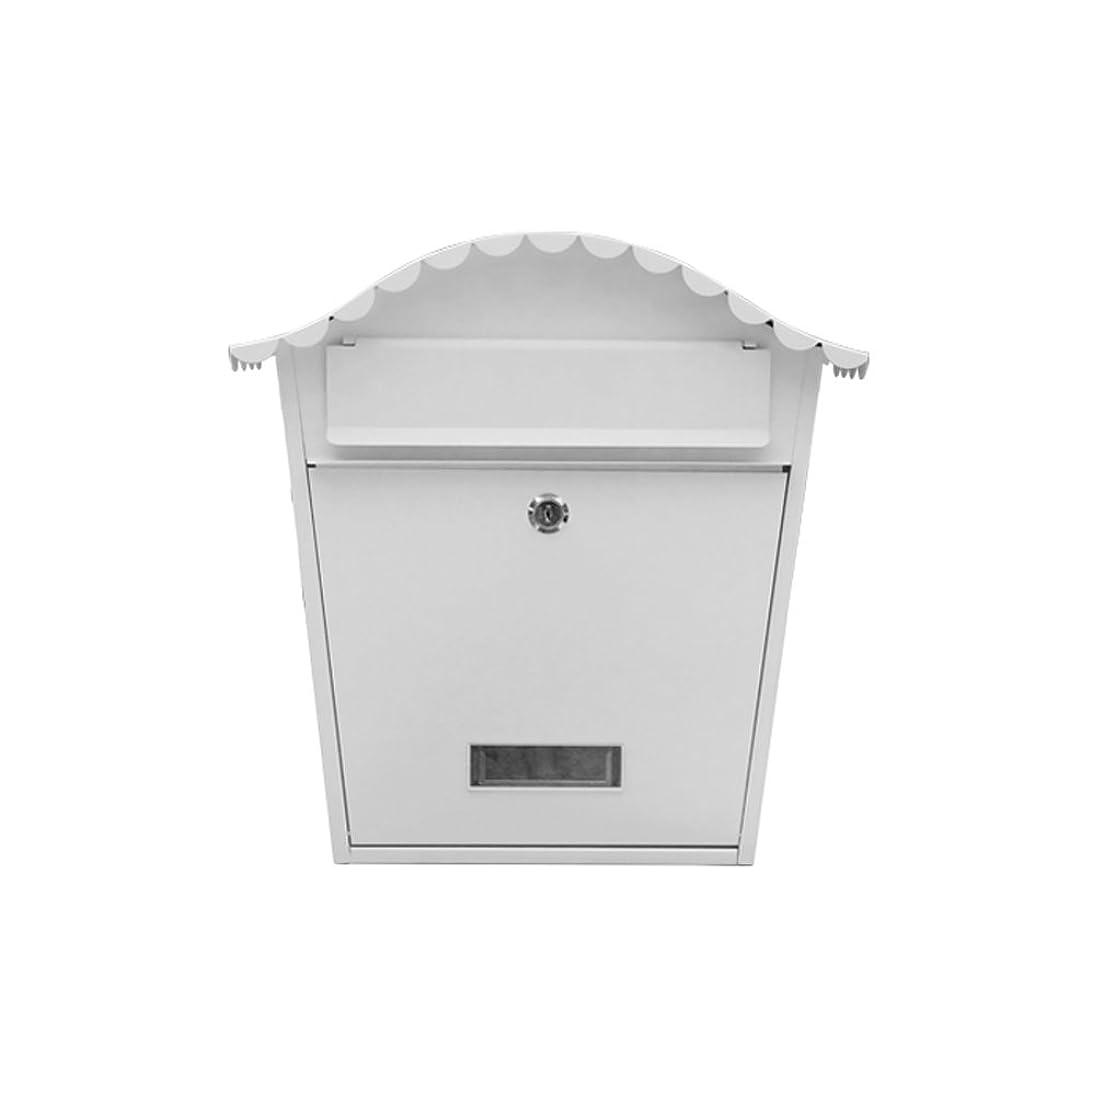 落ち着かないチーズオリエンタルHZB ヴィラ郵便受け屋外郵便箱ヨーロッパの吊り下げ壁屋外防水新聞箱の装飾、平野白